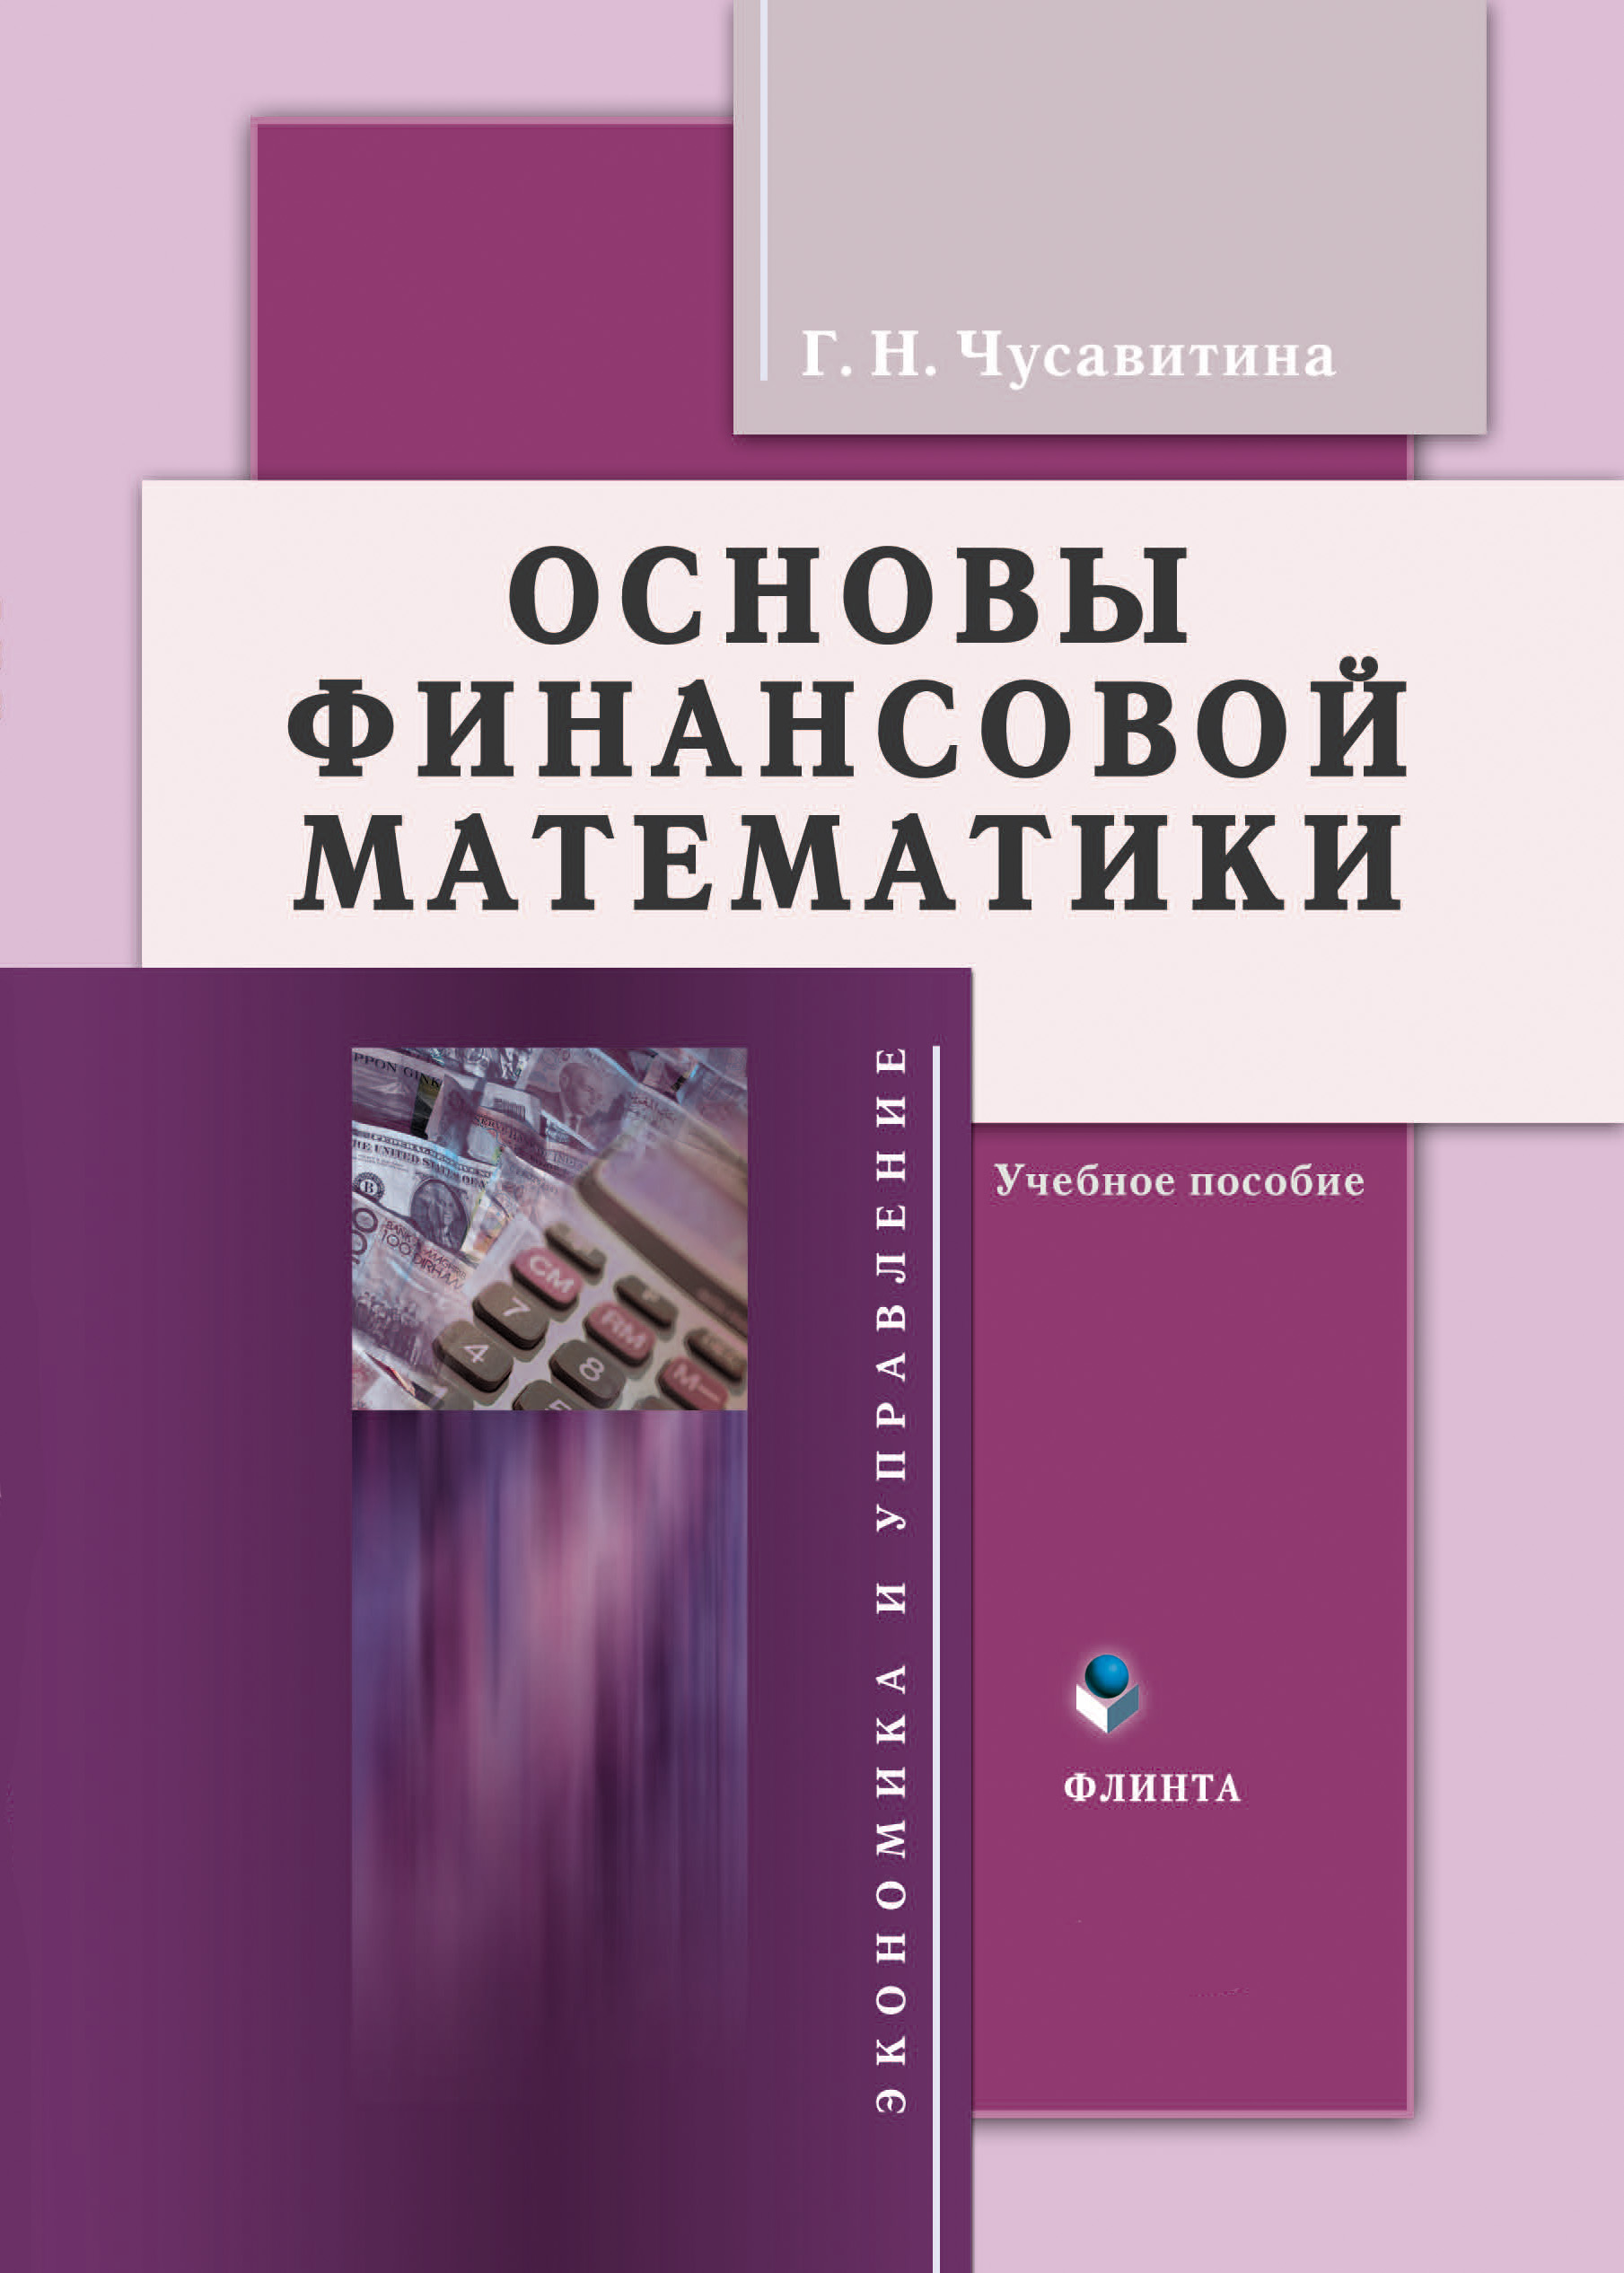 Г. Н. Чусавитина Основы финансовой математики. Учебное пособие